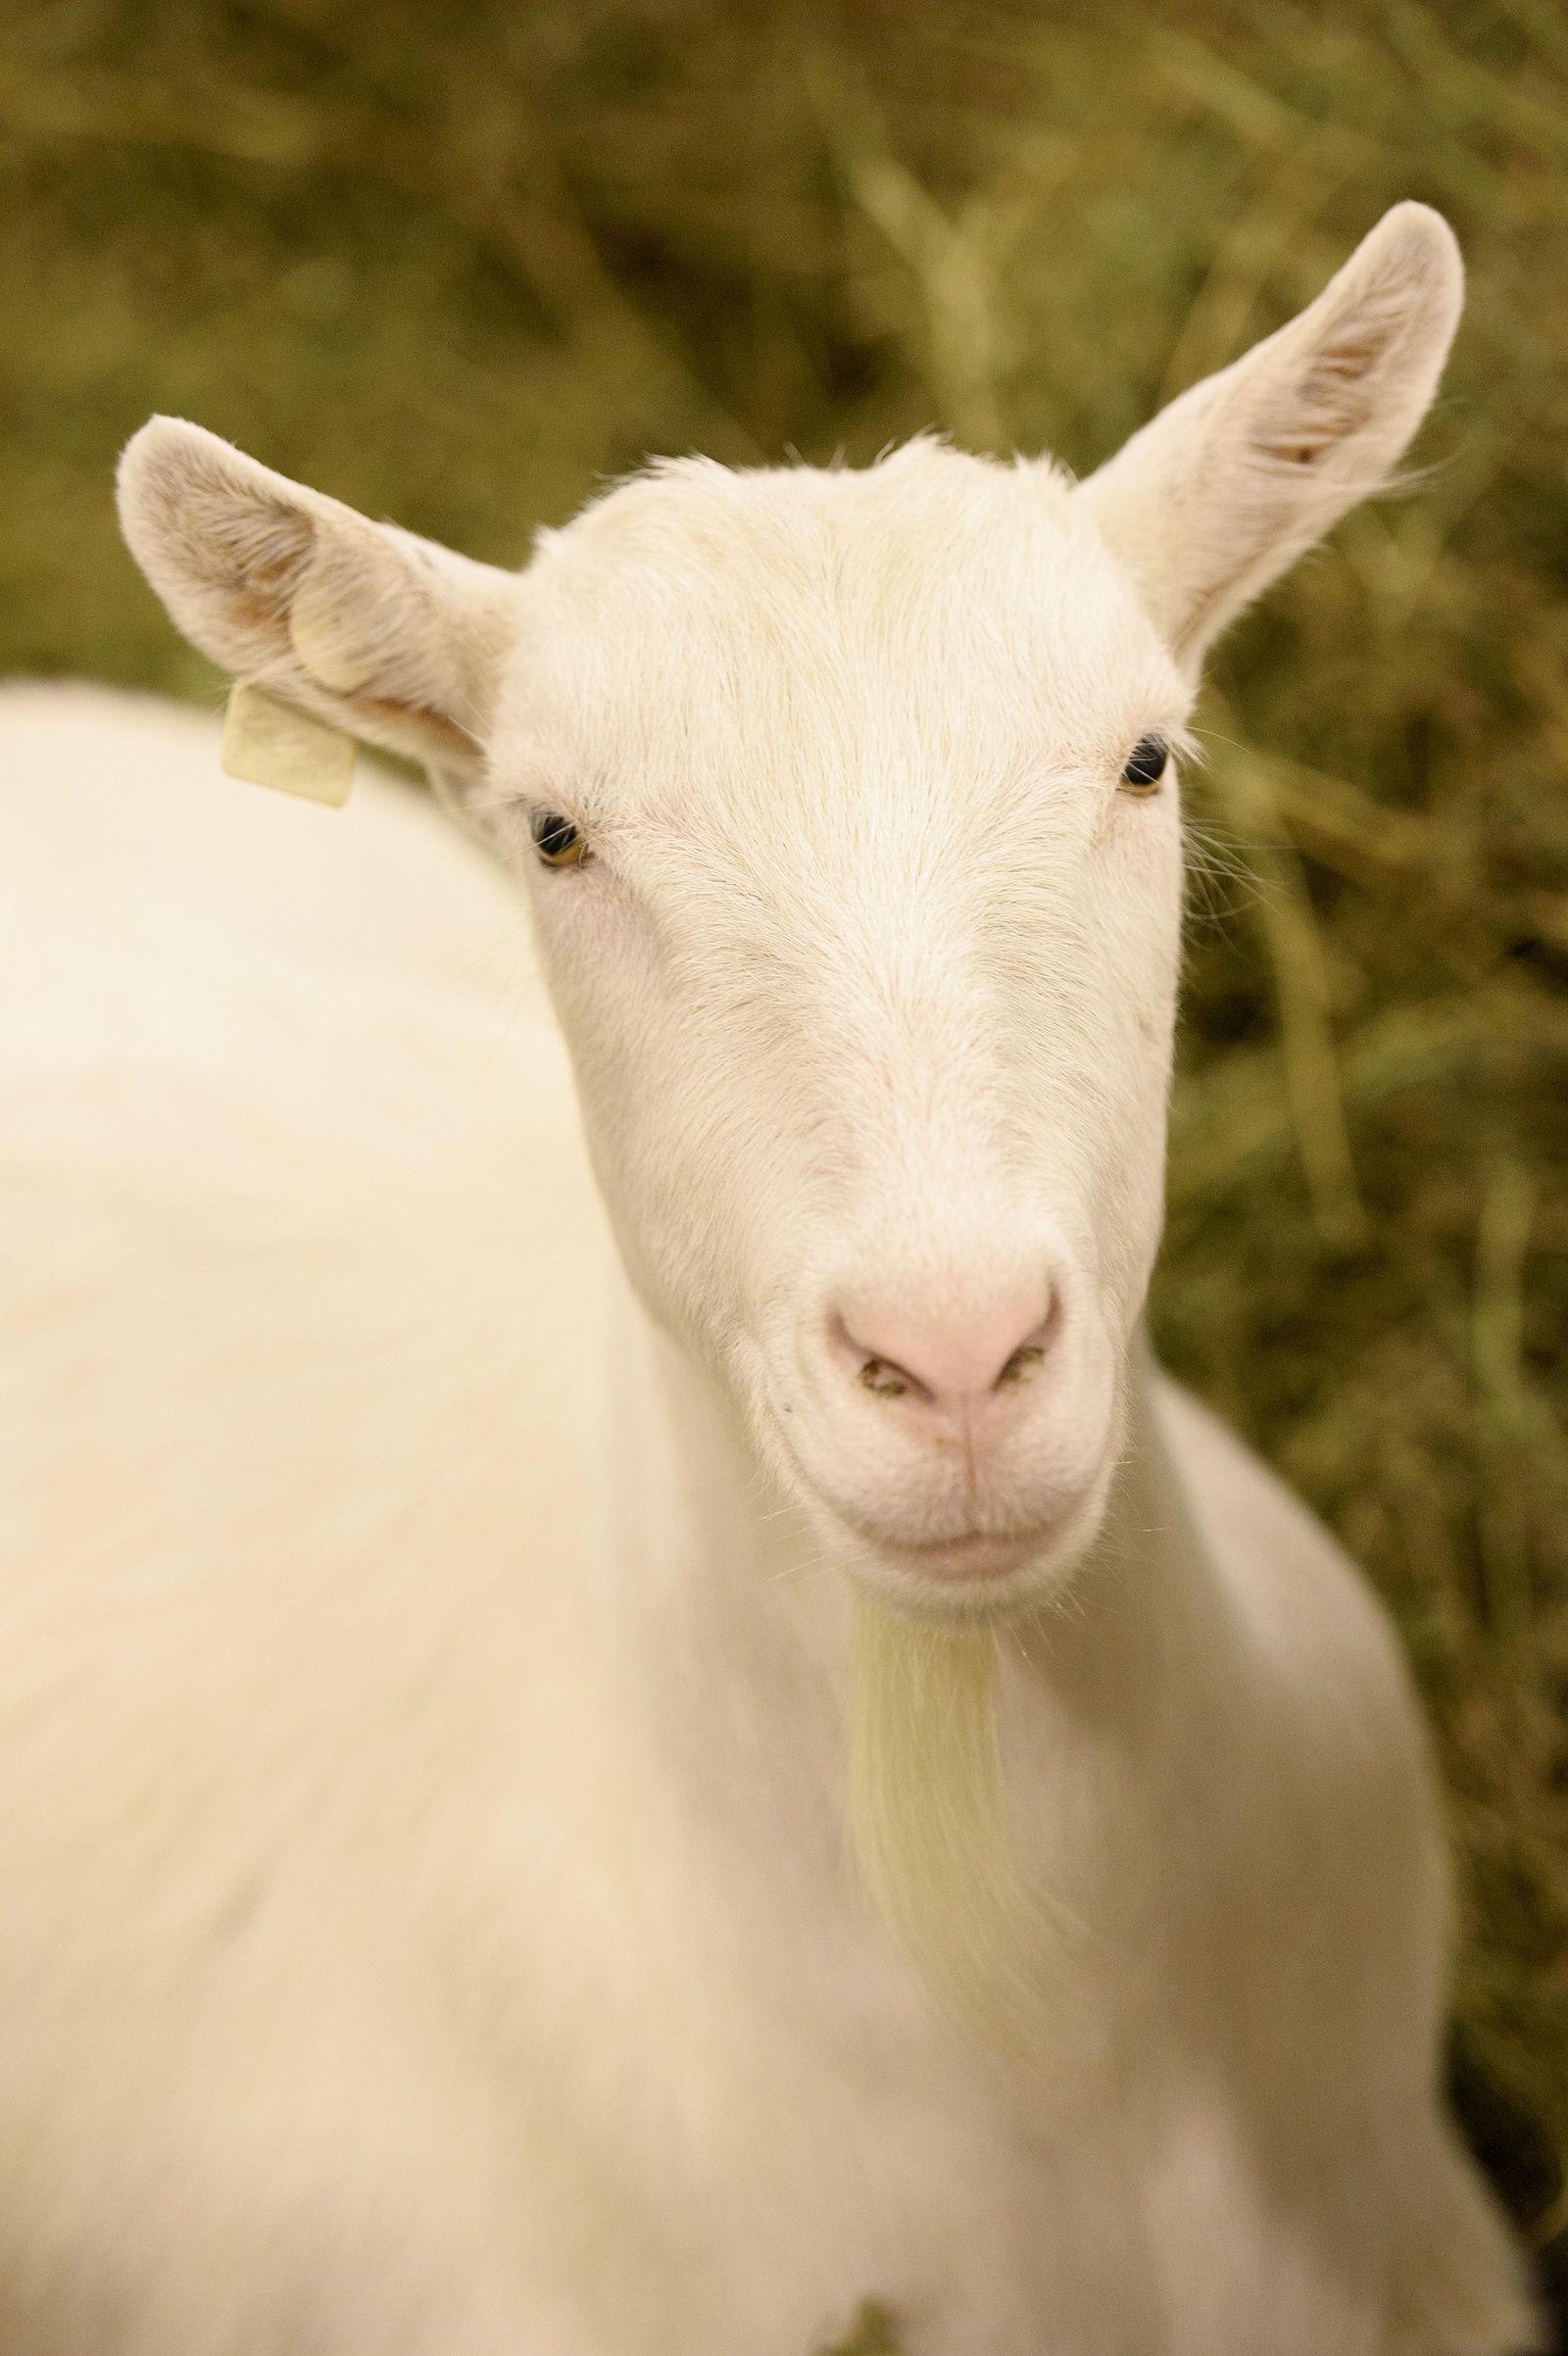 kecske ízületi fájdalma kecskében)